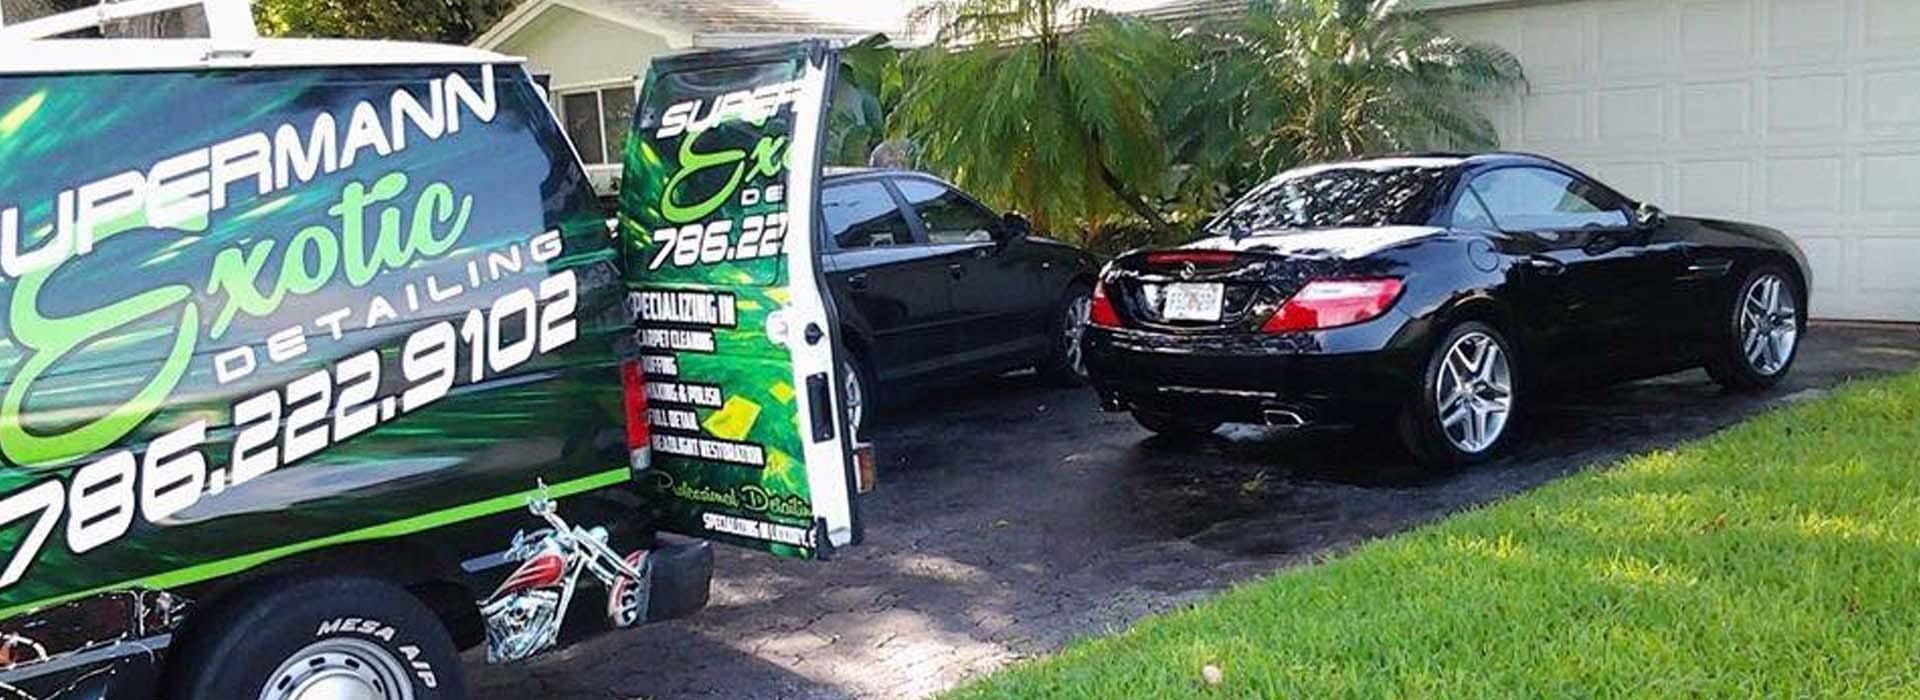 Full Service Car Wash Delray Beach Fl